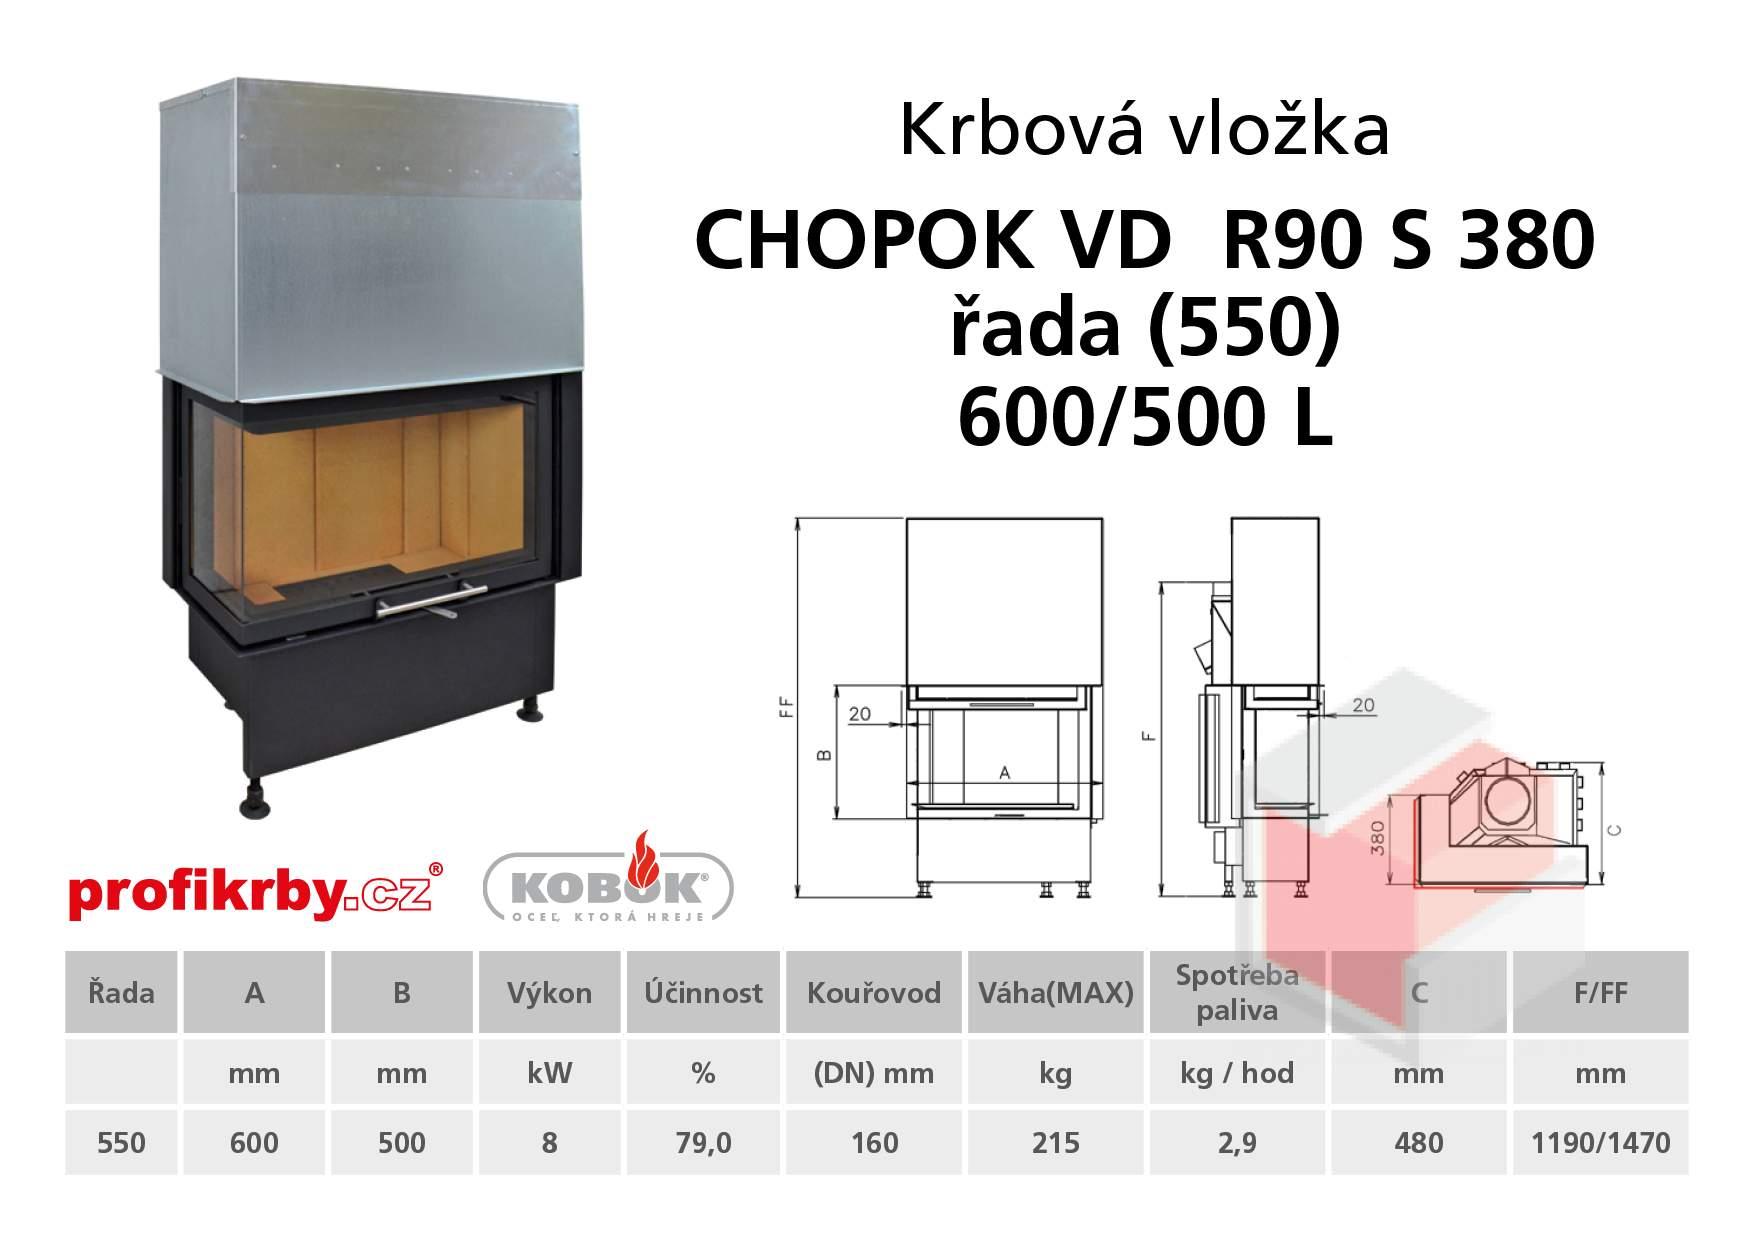 Krbová vložka CHOPOK VD R90Sx330 (380) 550 (600) 500 - Rohová -